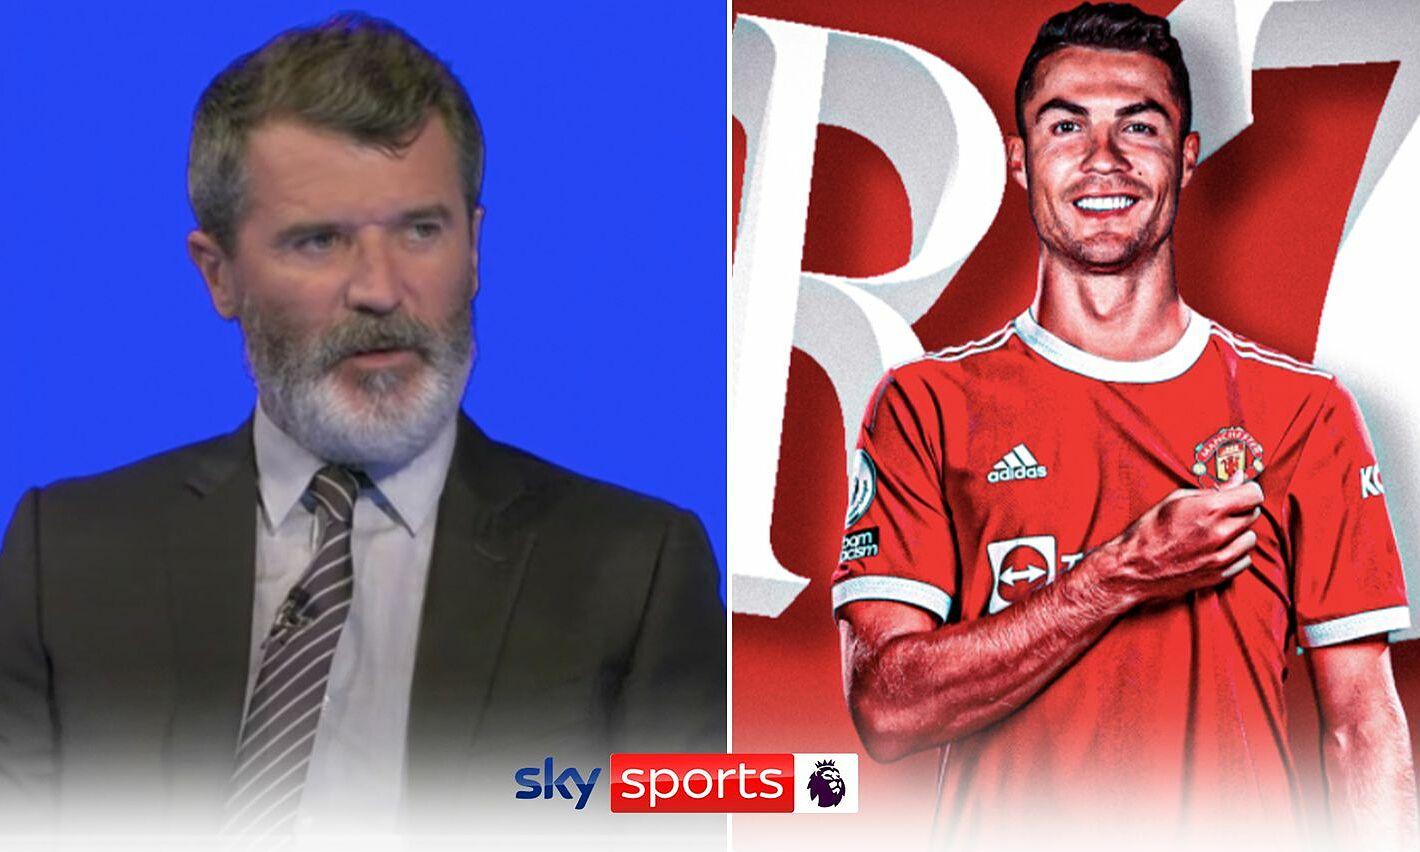 """รอย คีน เชื่อว่า แมนฯ ยูไนเต็ด ยังคงต้องปรับปรุงแดนกลาง แม้ว่าโรนัลโด้  ภาพถ่าย: """"Sky Sports"""""""